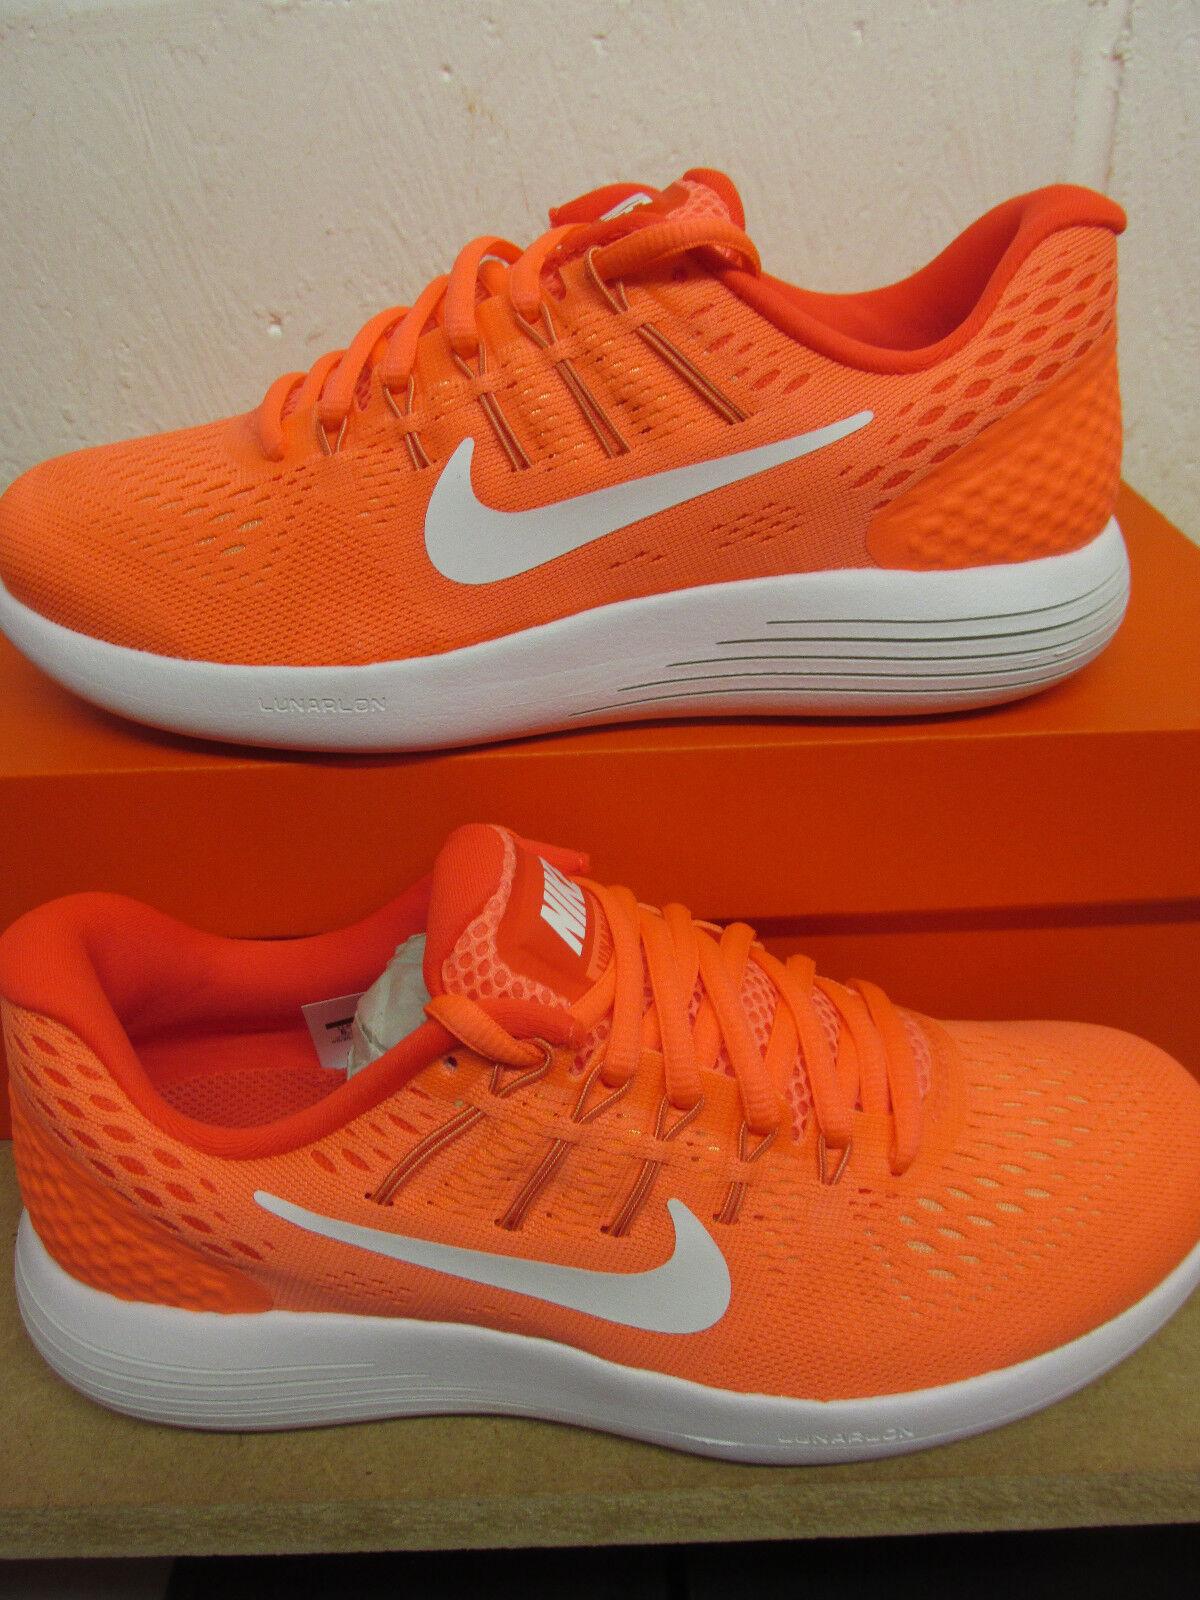 Nike Lunarglide 8 Zapatillas Tenis runing para mujer 843726 800 Tenis Zapatillas Zapatos 029002